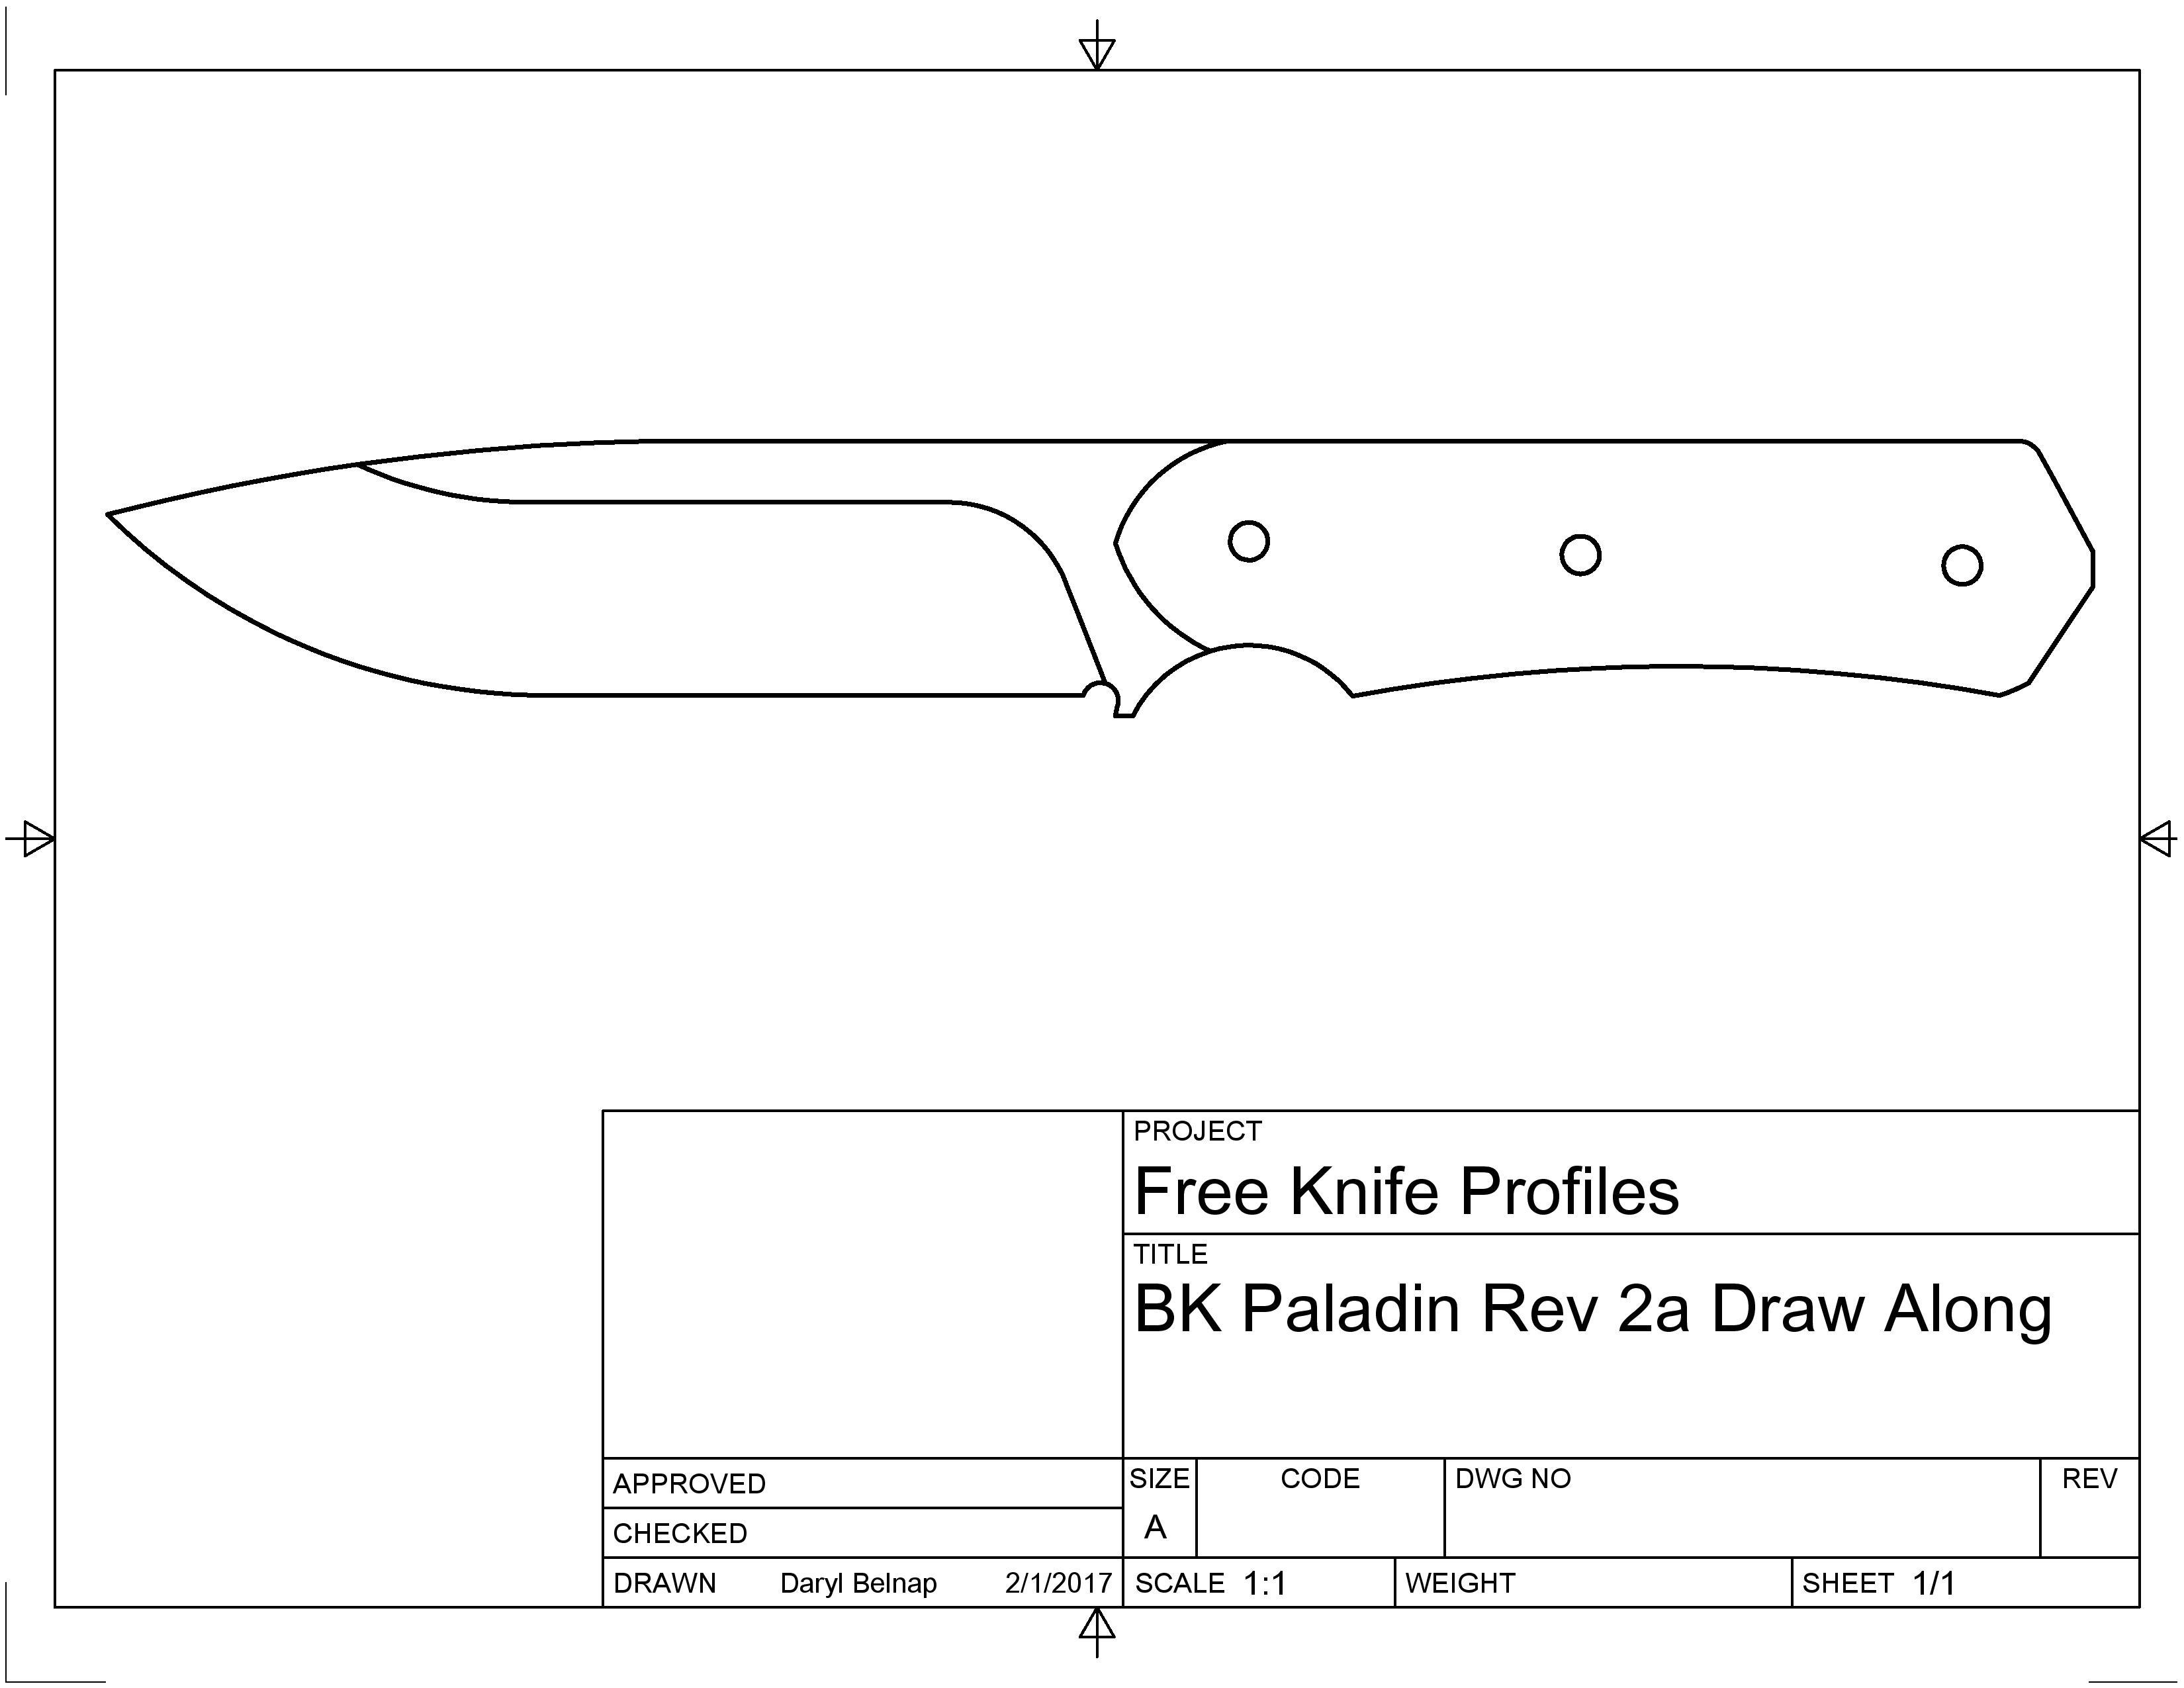 bk paladin pdf template and cad file link belnap custom knives llc. Black Bedroom Furniture Sets. Home Design Ideas